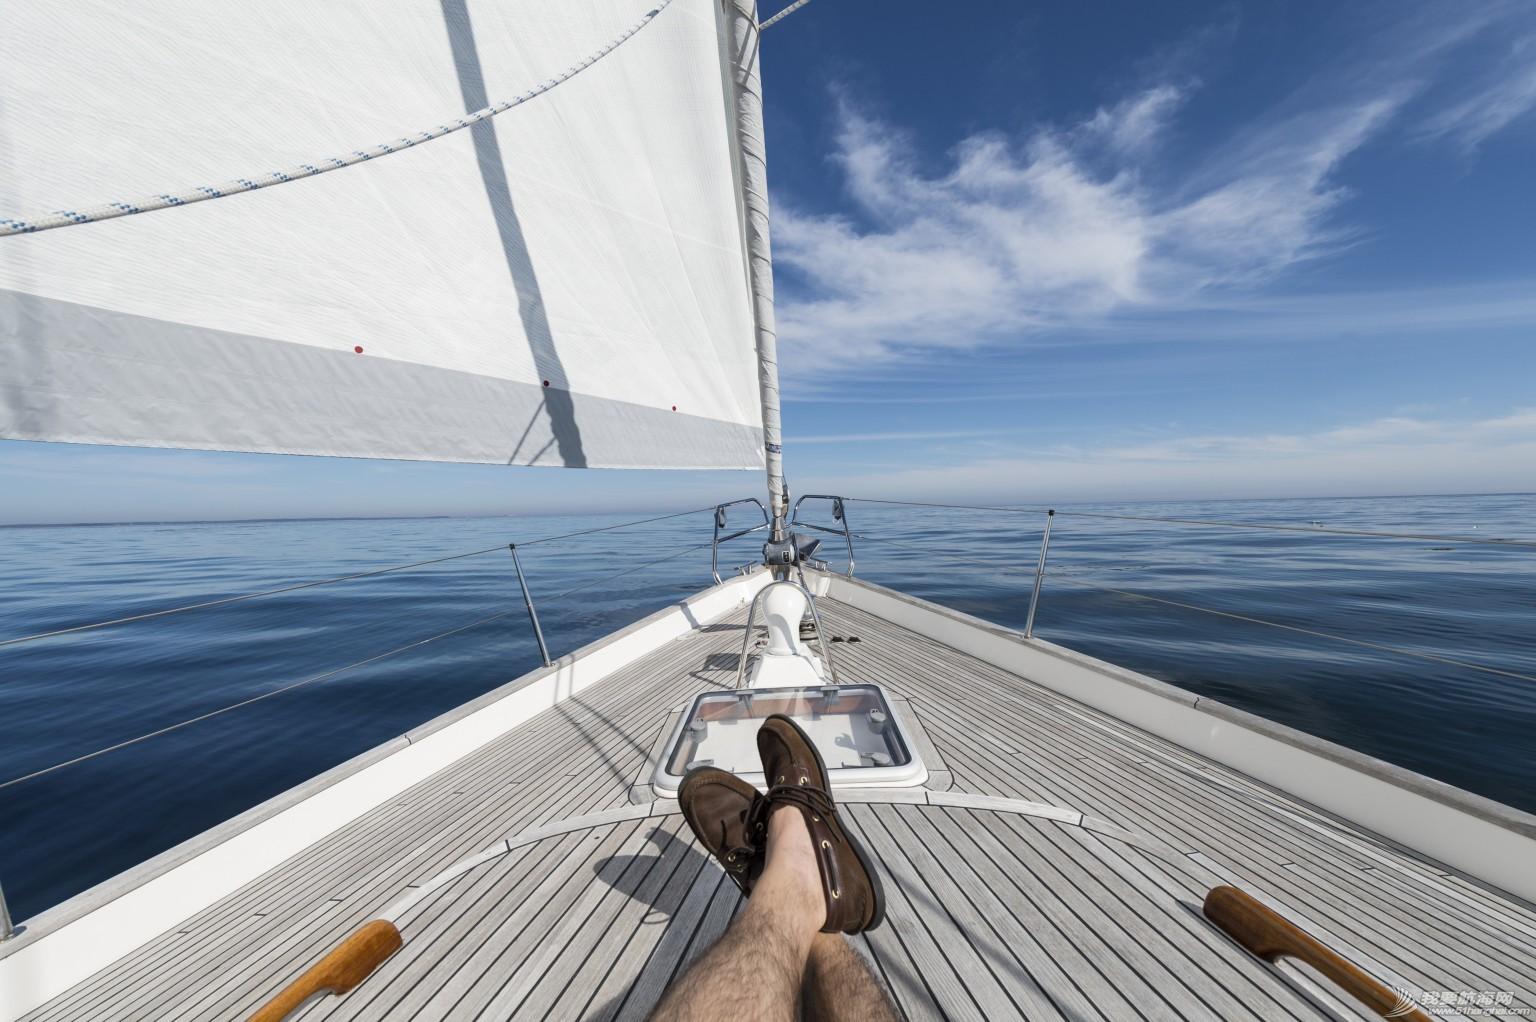 【敢玩】圆你一个船长梦 !! FvWZrPtS_N07DHf79GoC7Q3wtW8J.jpg